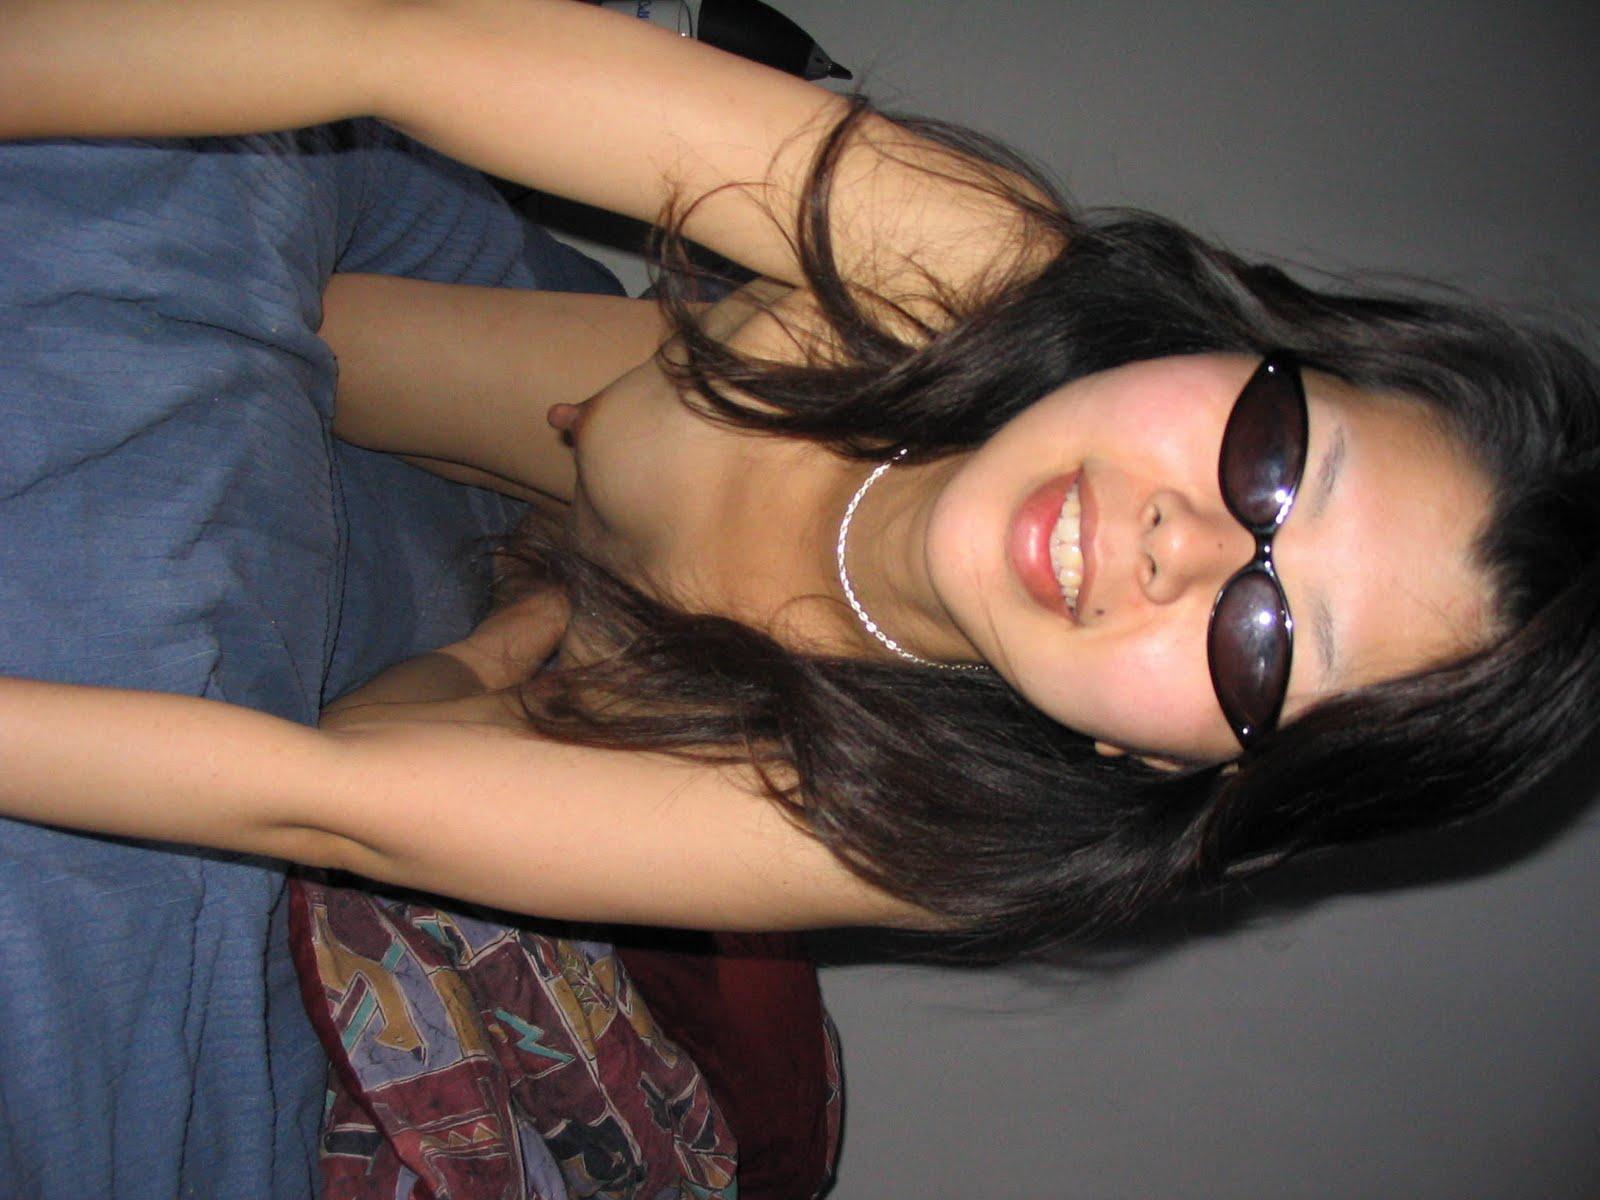 Sunglasses%2BAmateur%2BHomemade%2BNude%2BPhotos%2Bwww.GutterUncensored.com%2B001 Nude Mature Woman In Kitchen nude mature women